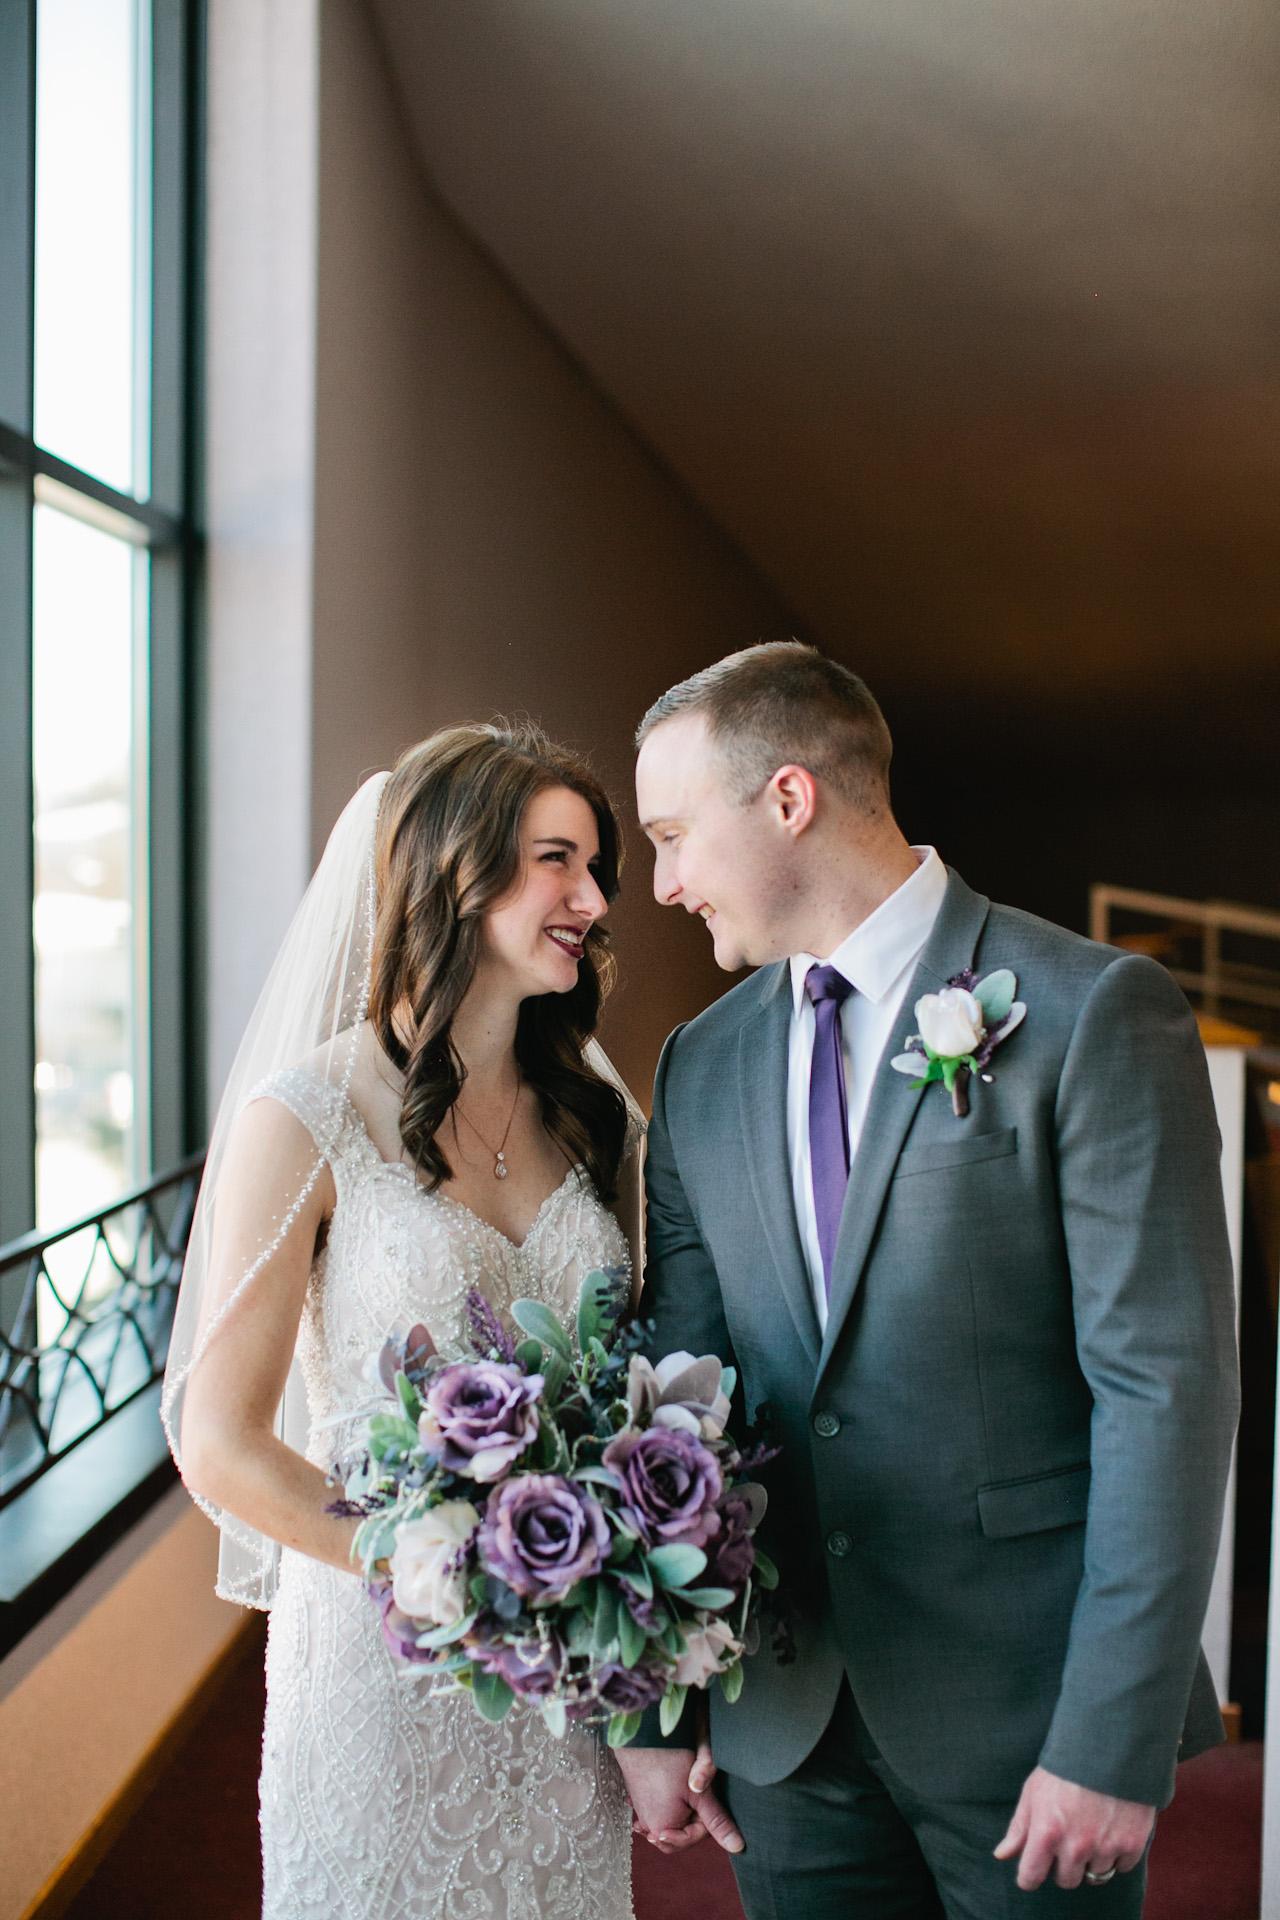 indoor wedding venues for winter wedding in Iowa